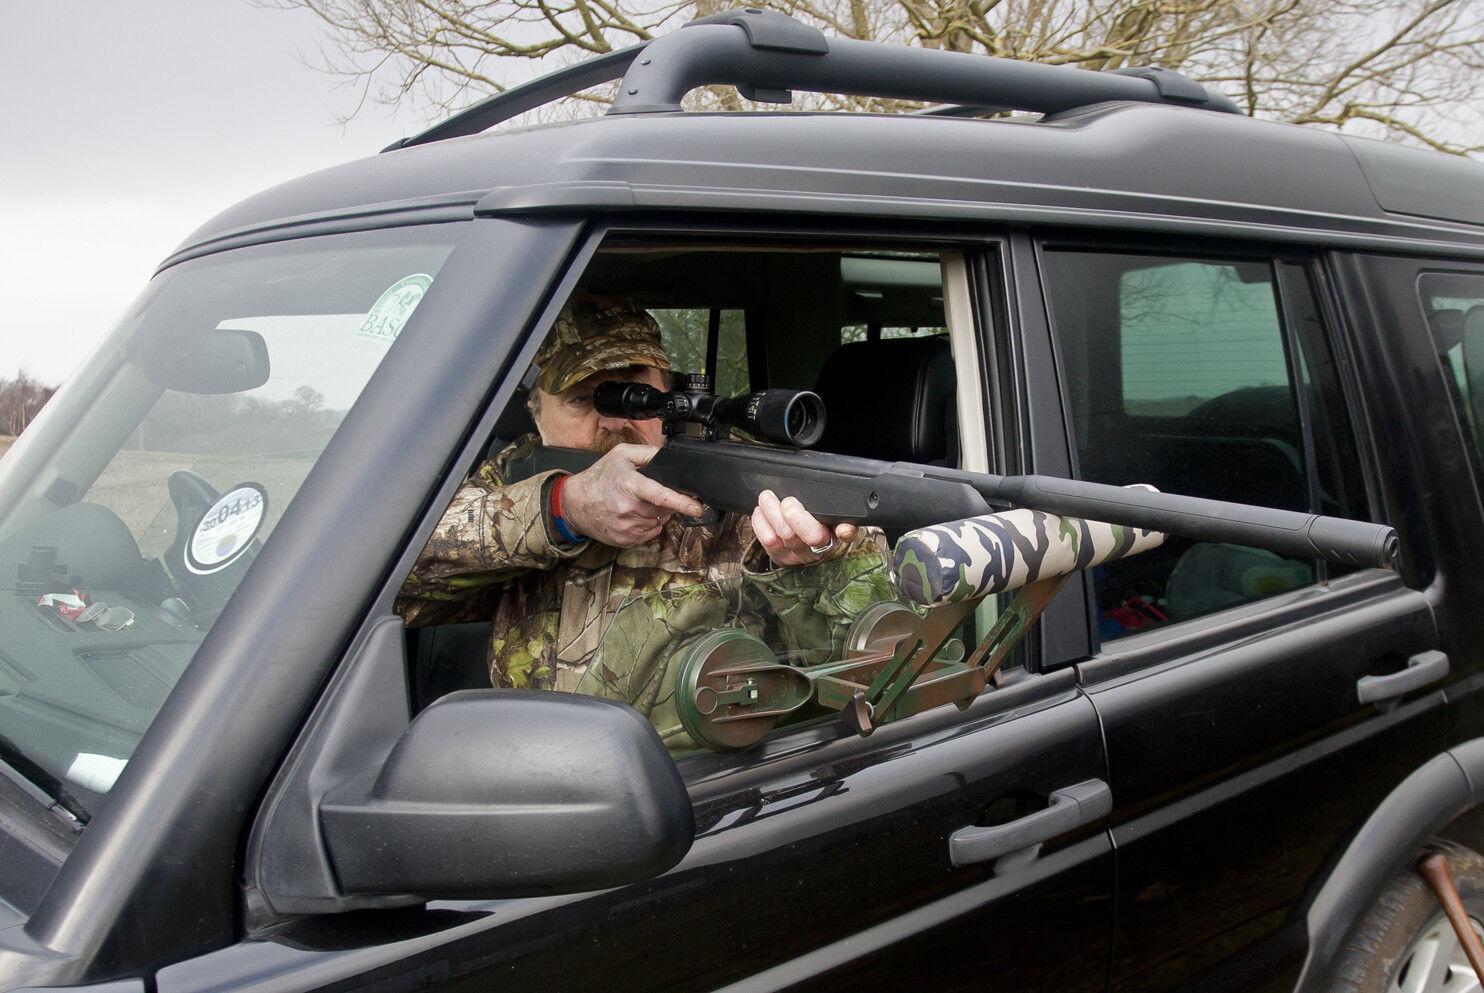 Pistola O Cámara Resto. único soporte para rifles, cámaras y telescopios.